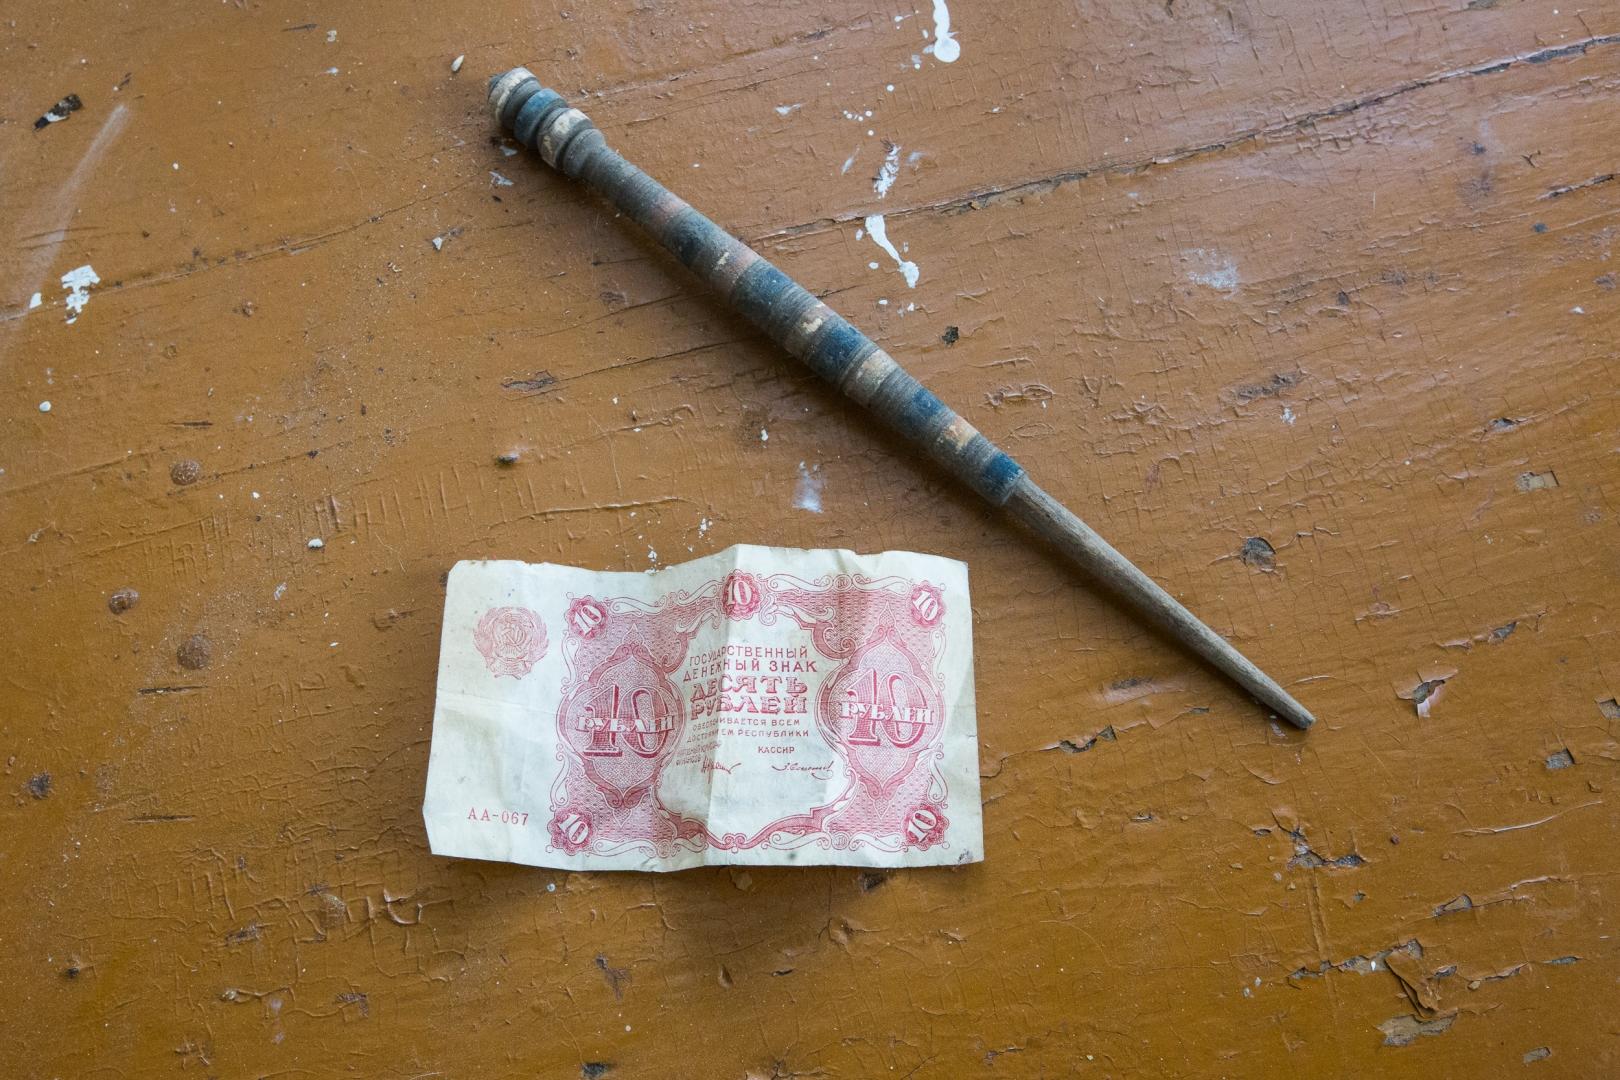 Веретено и старая купюра. На чердаке большинства домов сохранились предметы старины, которыми пользовались предыдущие поколения. Некоторые предметы все еще используются в быту